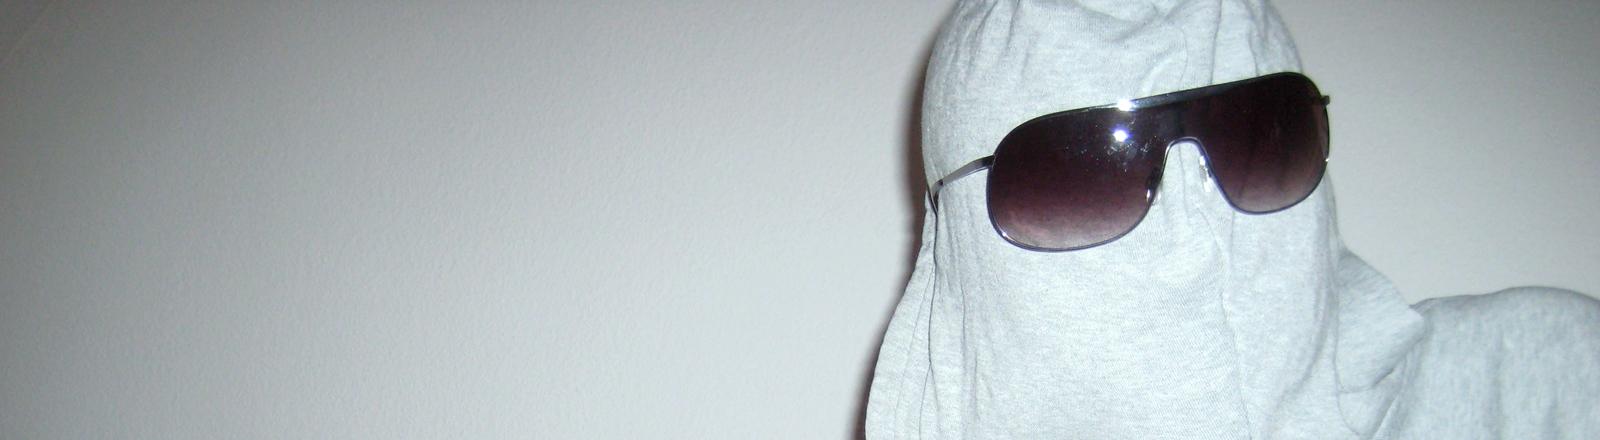 Anonym unterwegs